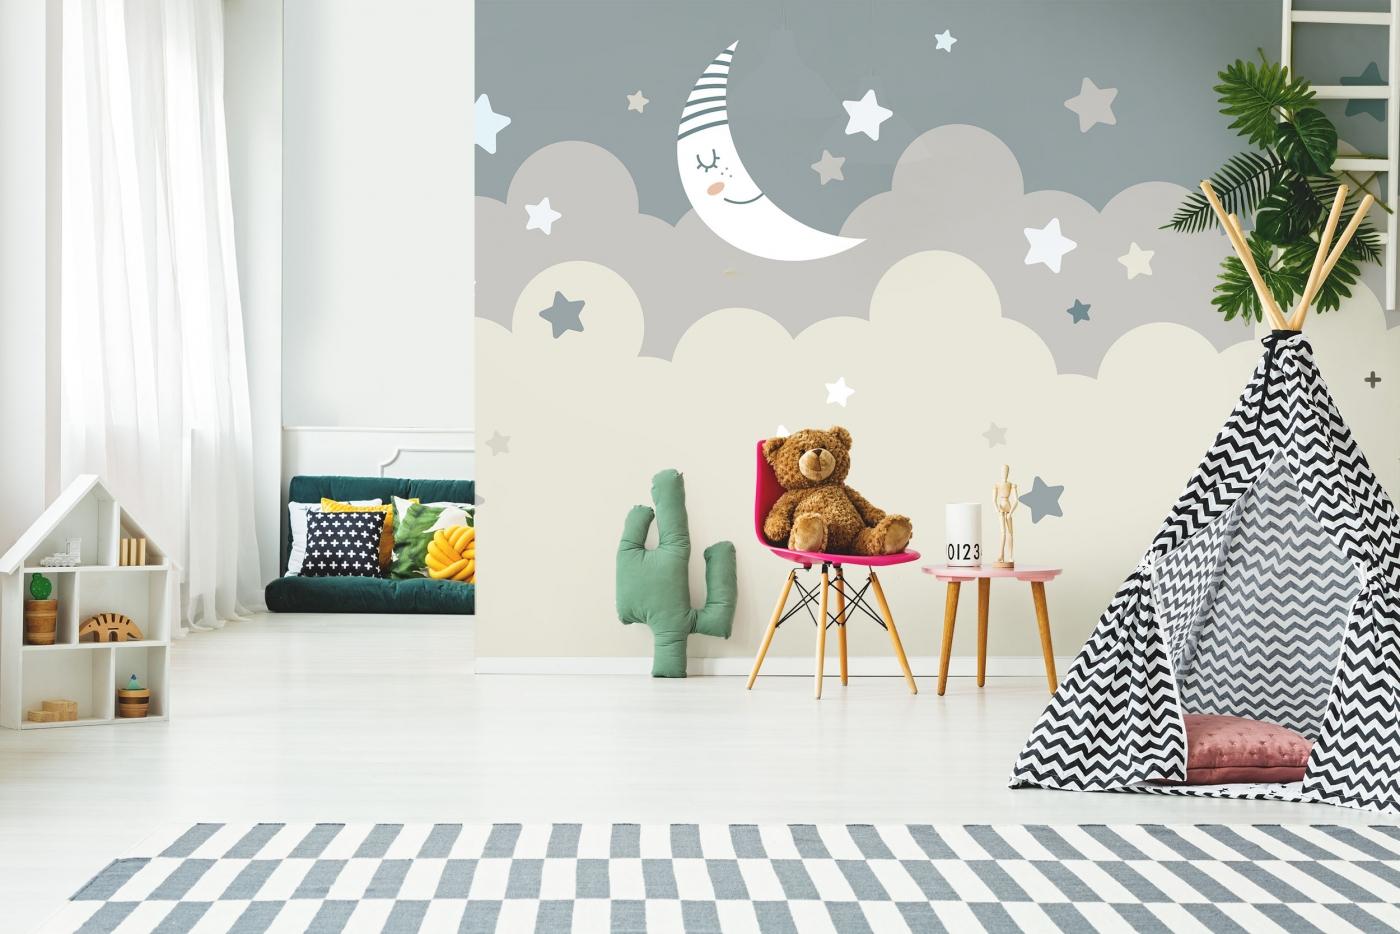 Tapeta Spící měsíc, 144 x 105 cm